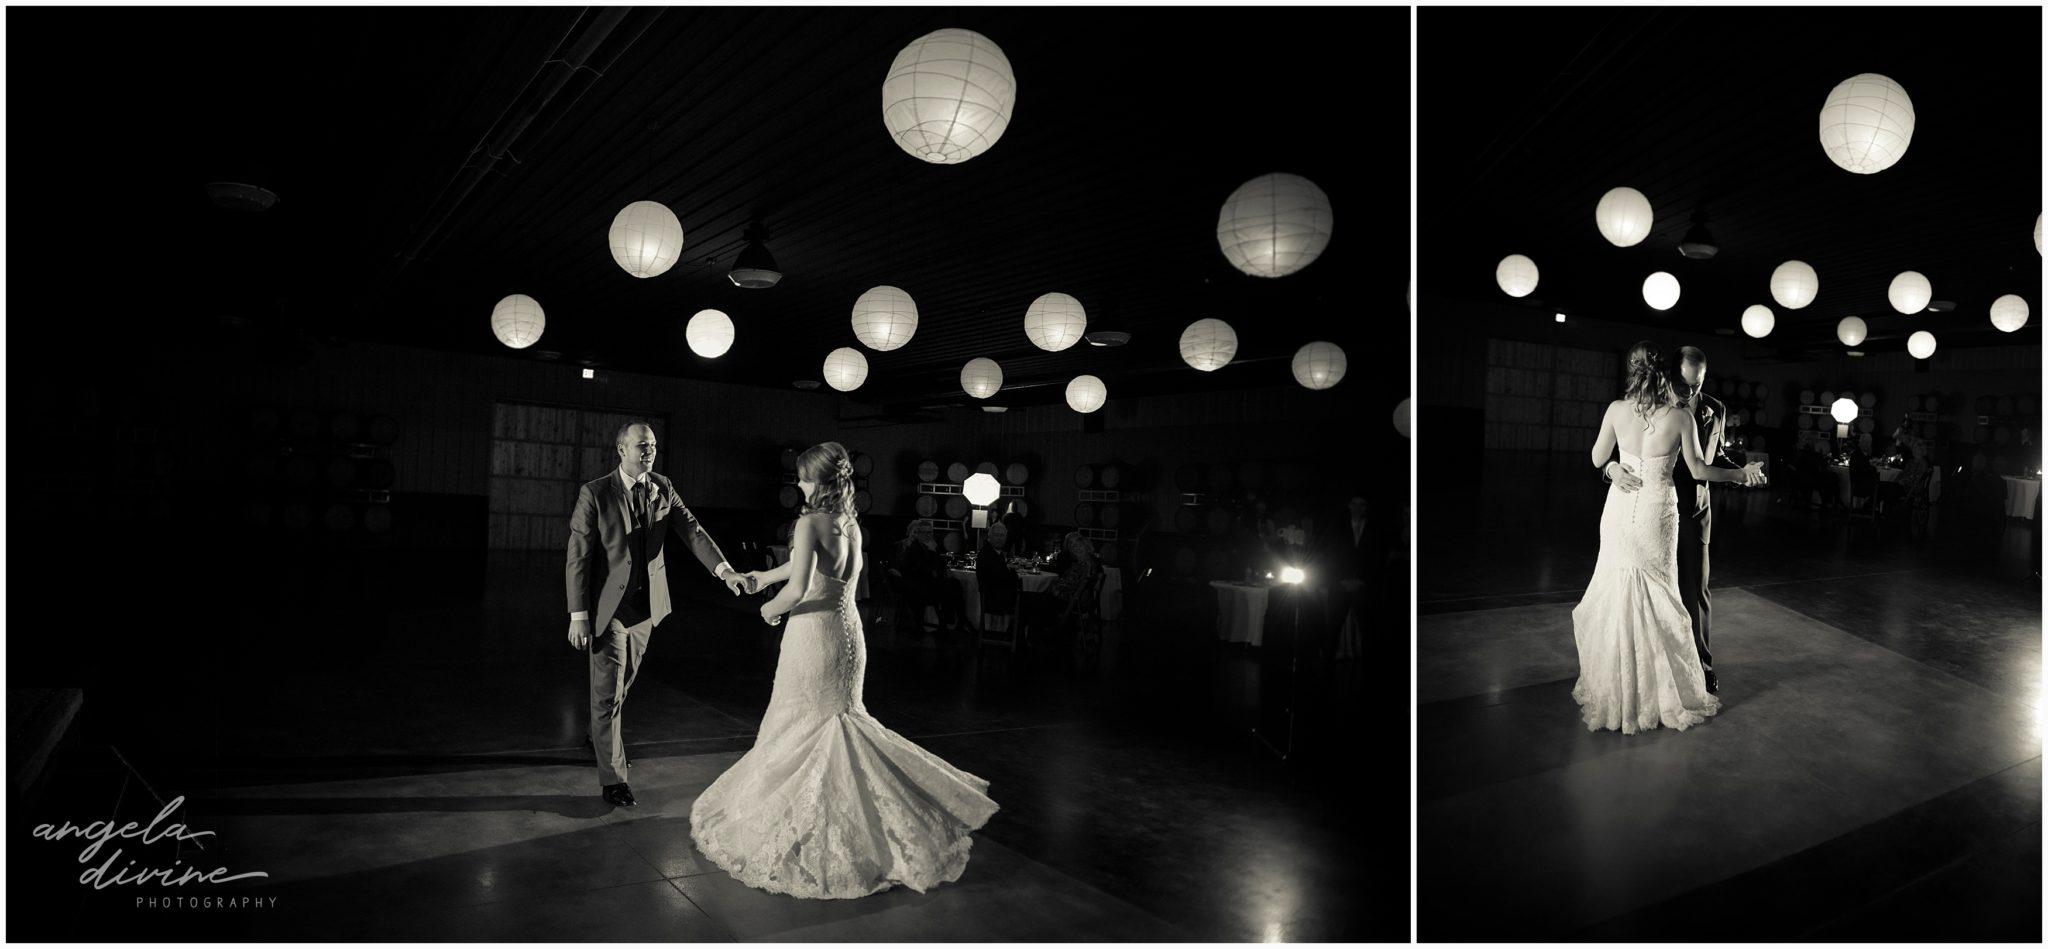 Carlos Creek Winery wedding bride and groom dance